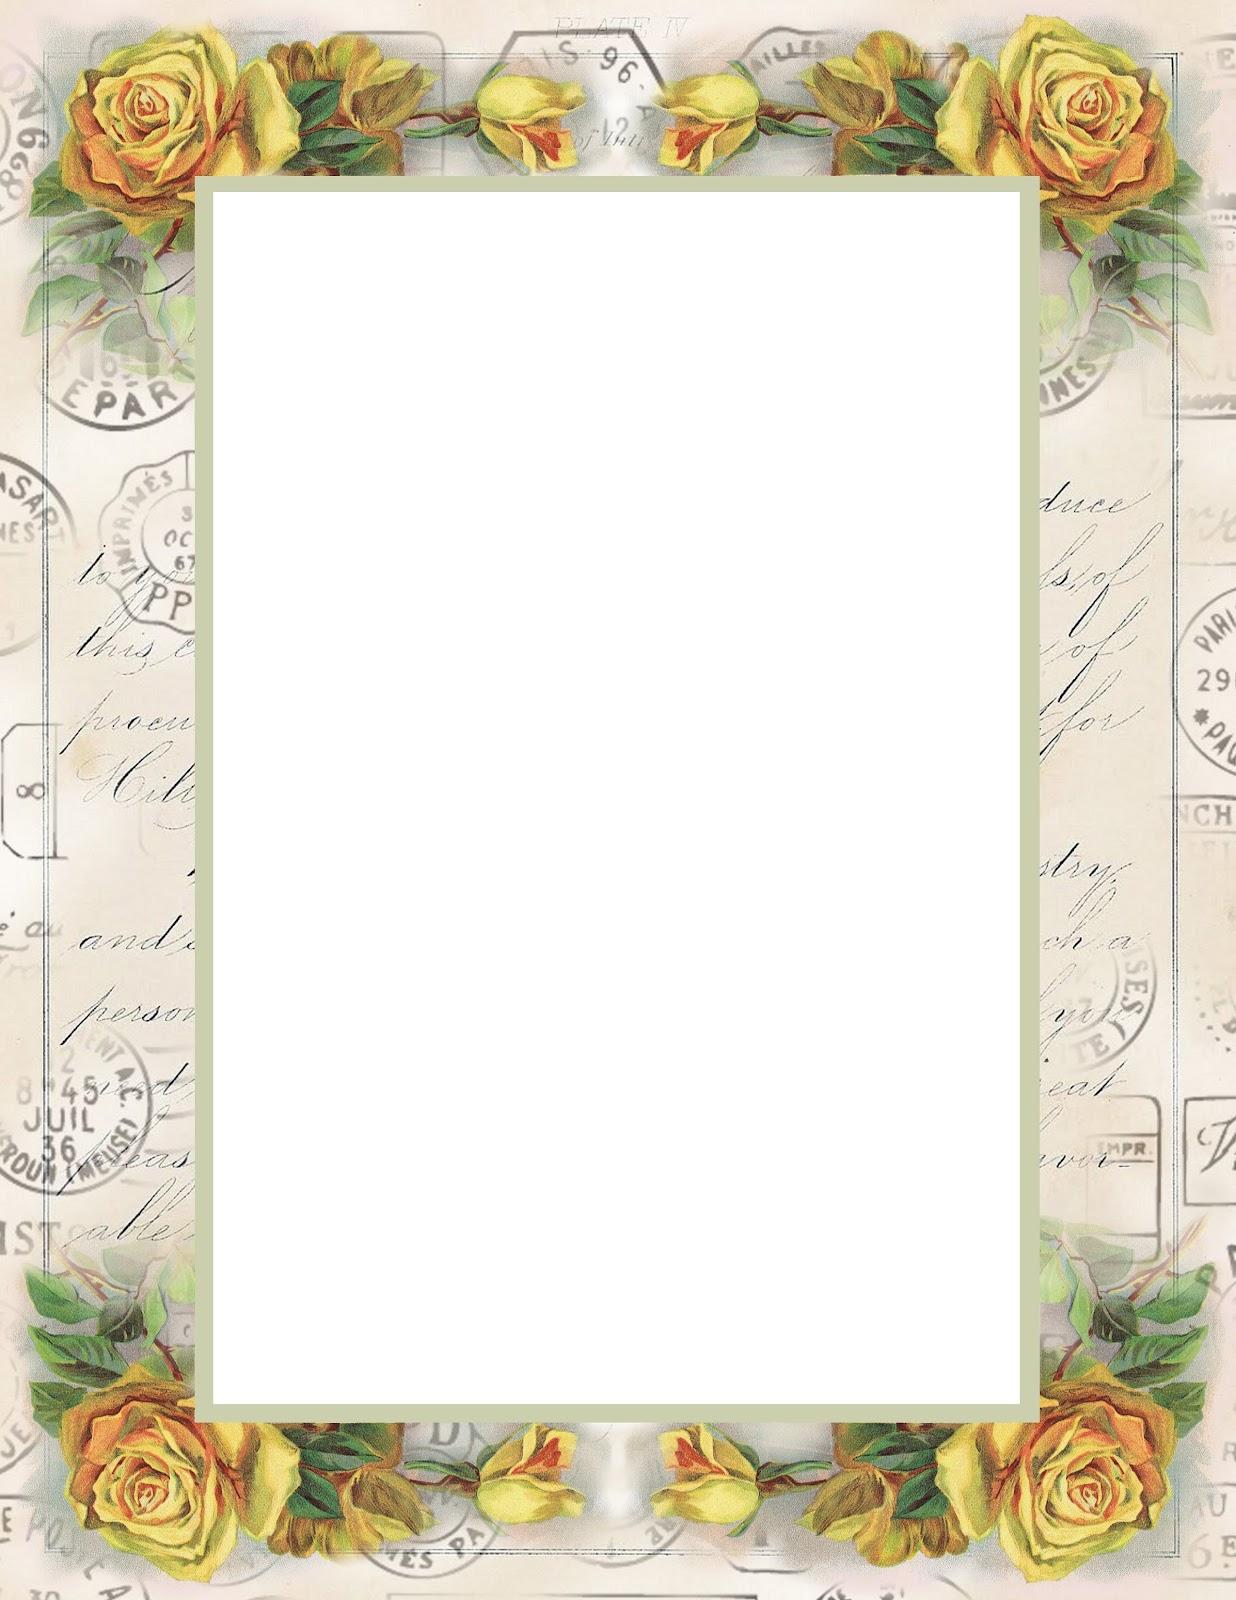 Old Letter clipart frames Find Border Art Letter and